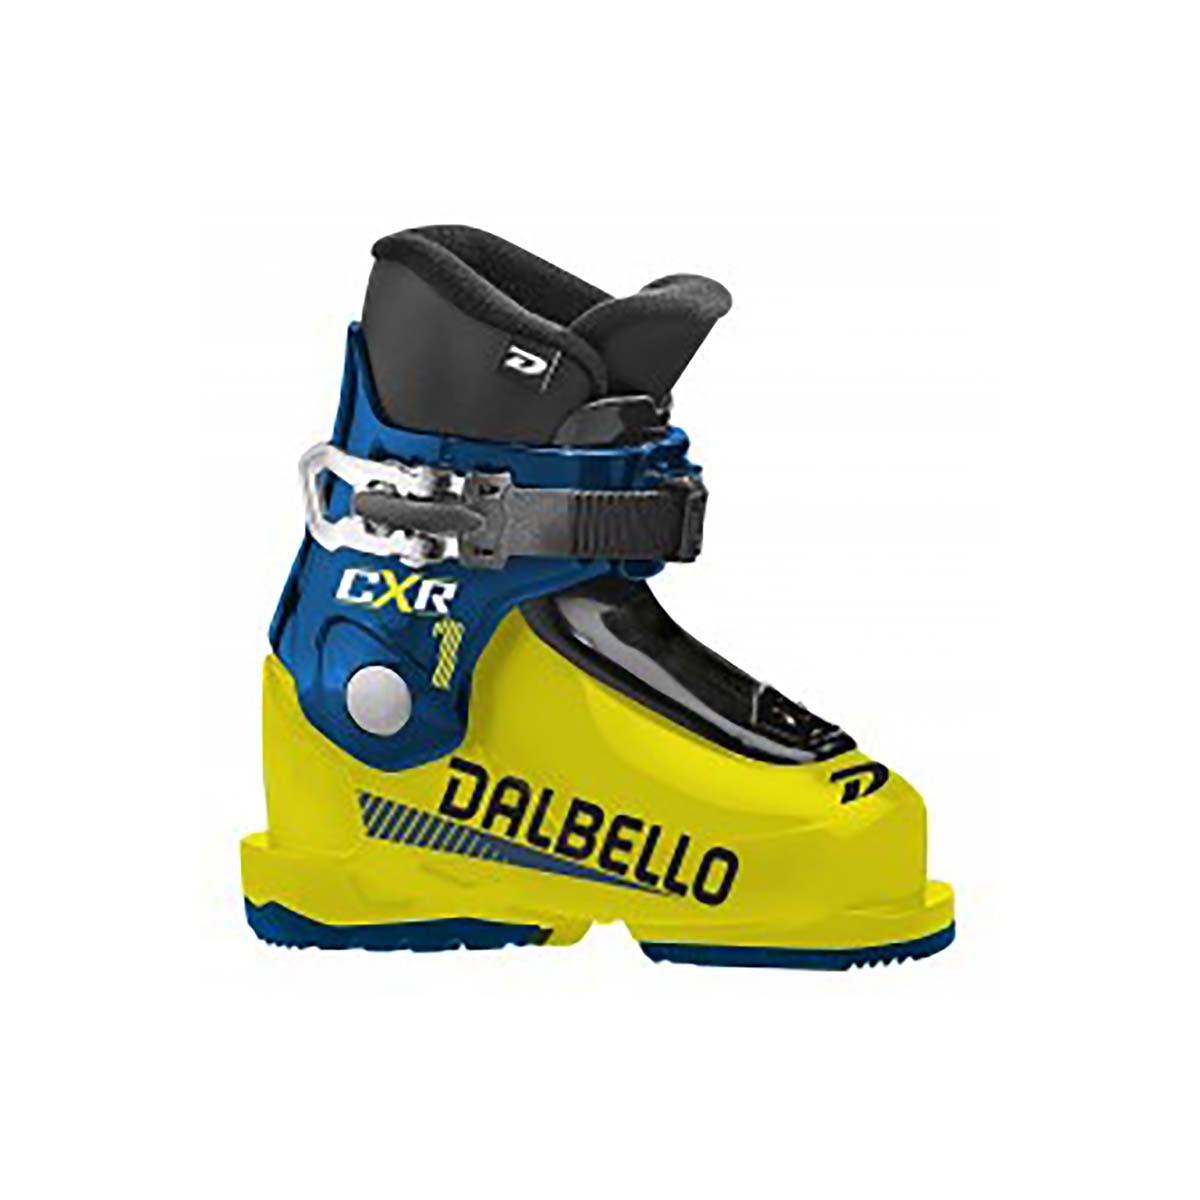 Scarponi sci Dalbello Cxr 10 Jr (Colore: giallo-petrol, Taglia: 17.5)